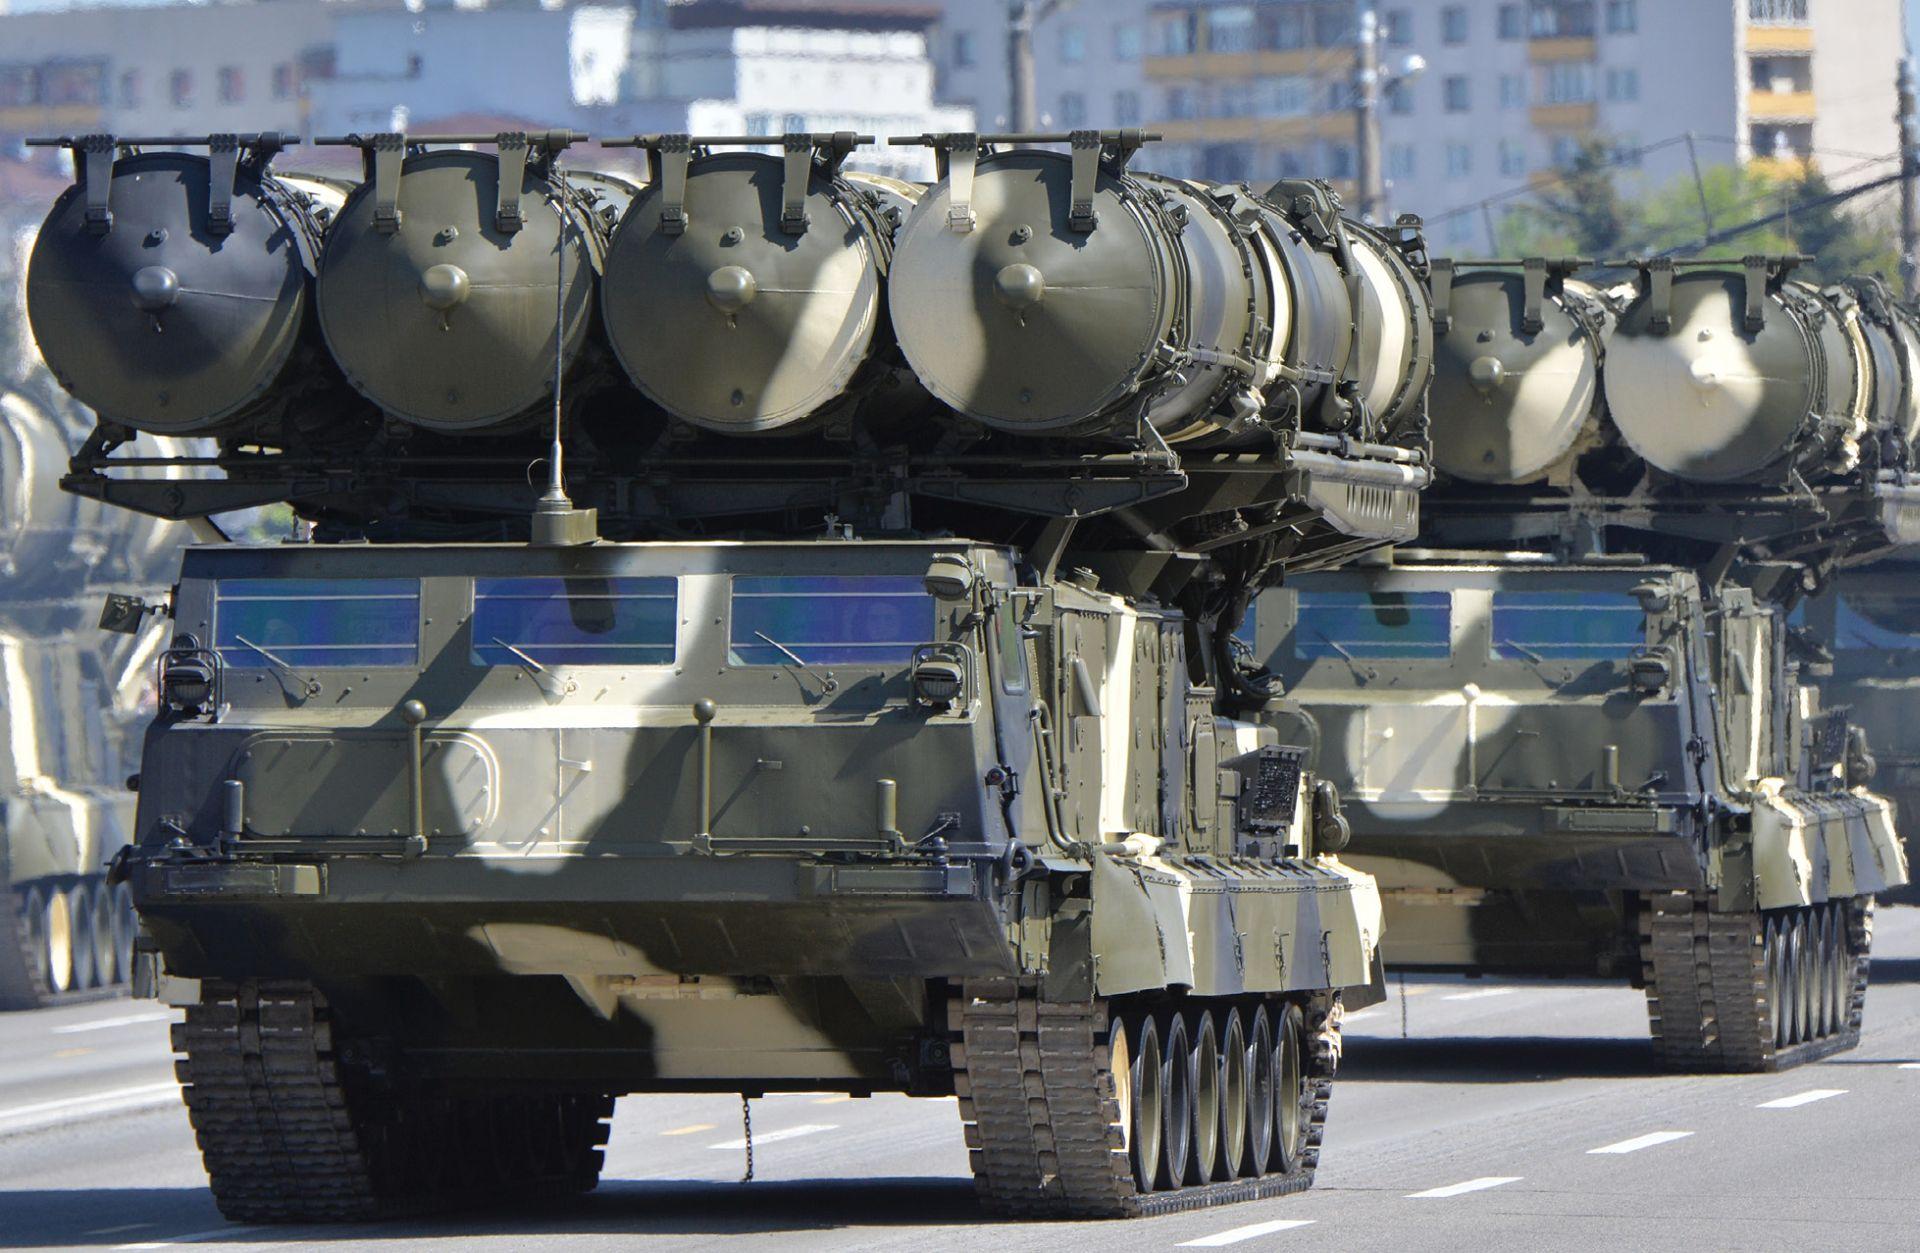 Vučić i Vulin preuzeli nezahvalan zadatak obrane Moskve zbog raketnog sustava S-300